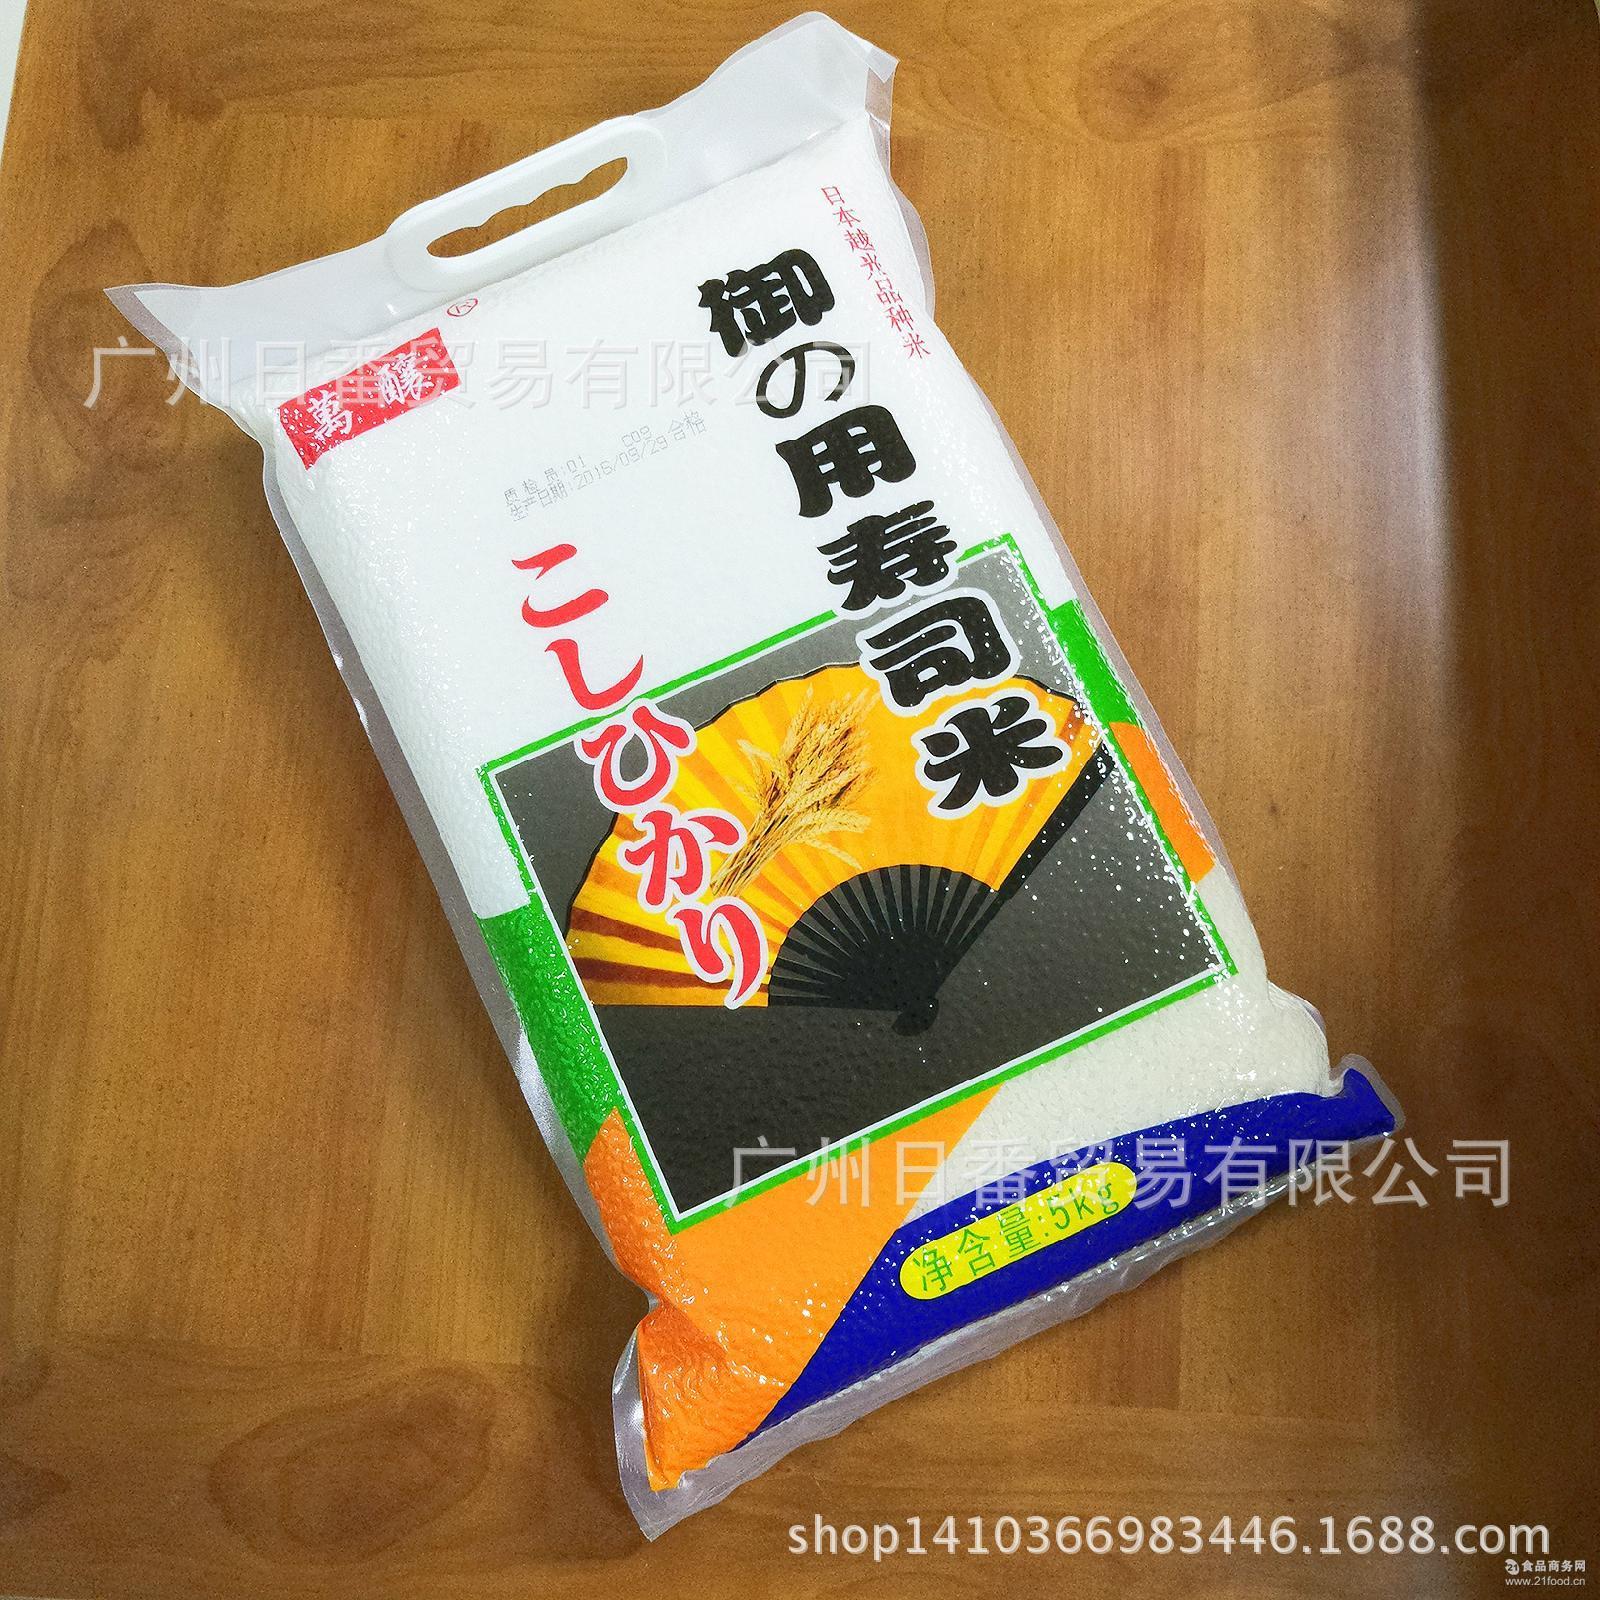 日本一级寿司米寿司包饭吉林石板地大米5kg 万醸御用寿司大米